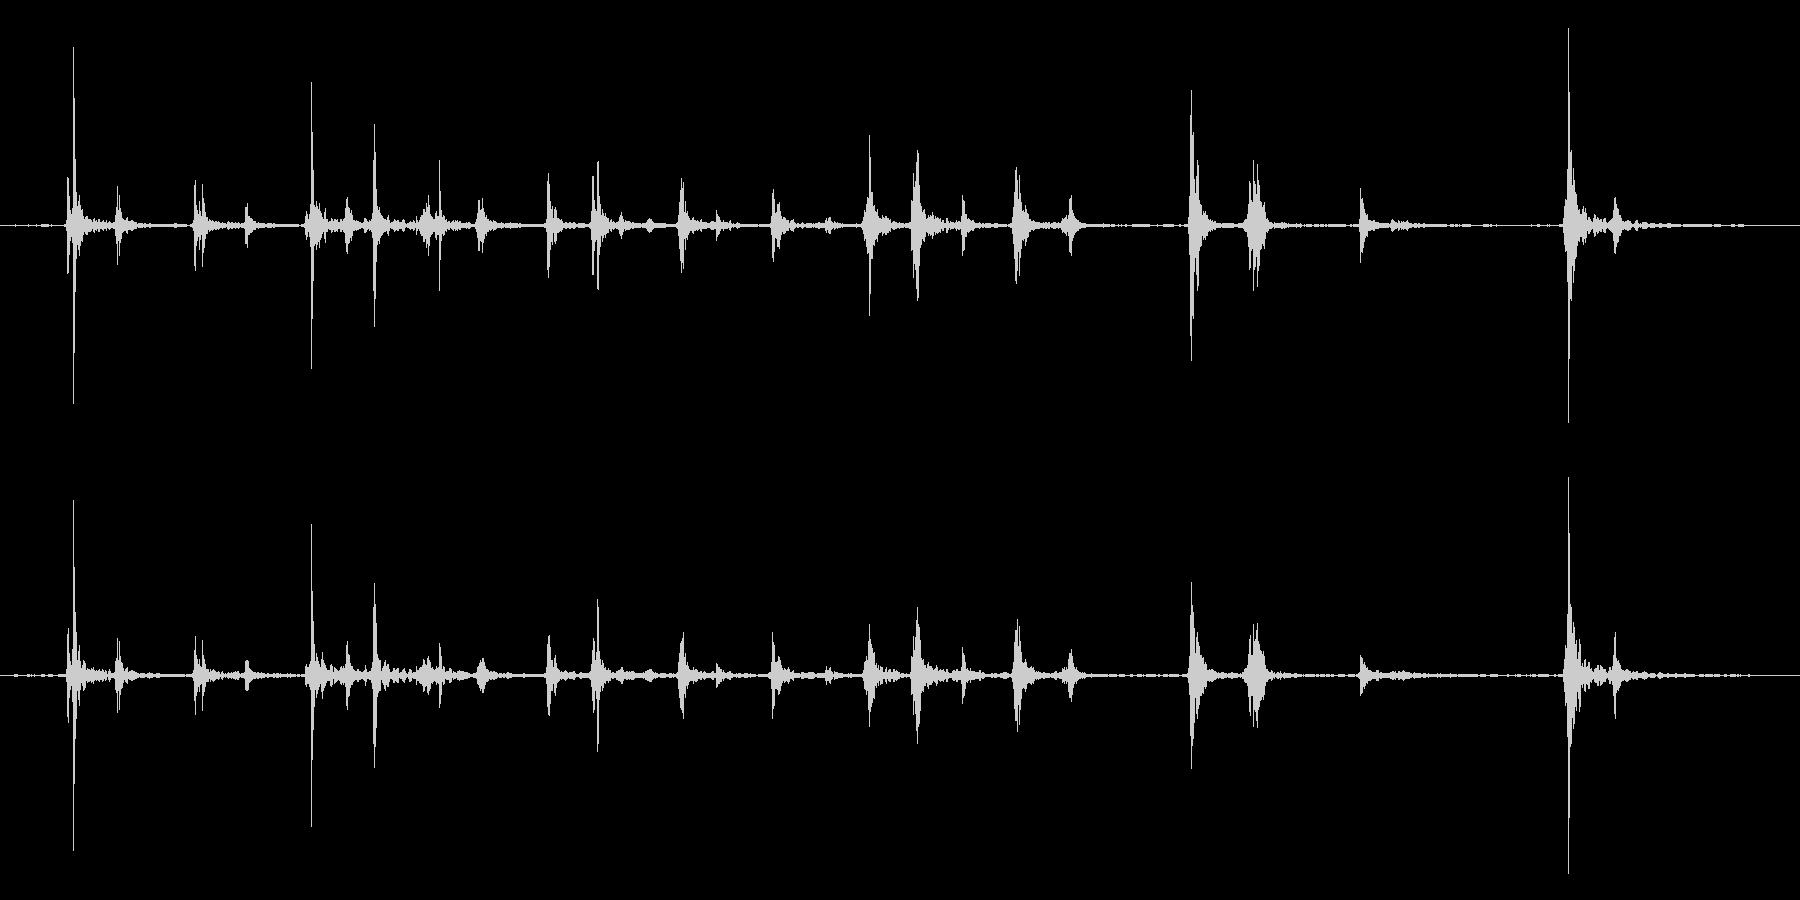 キーボードをタイピングするリアル効果音2の未再生の波形